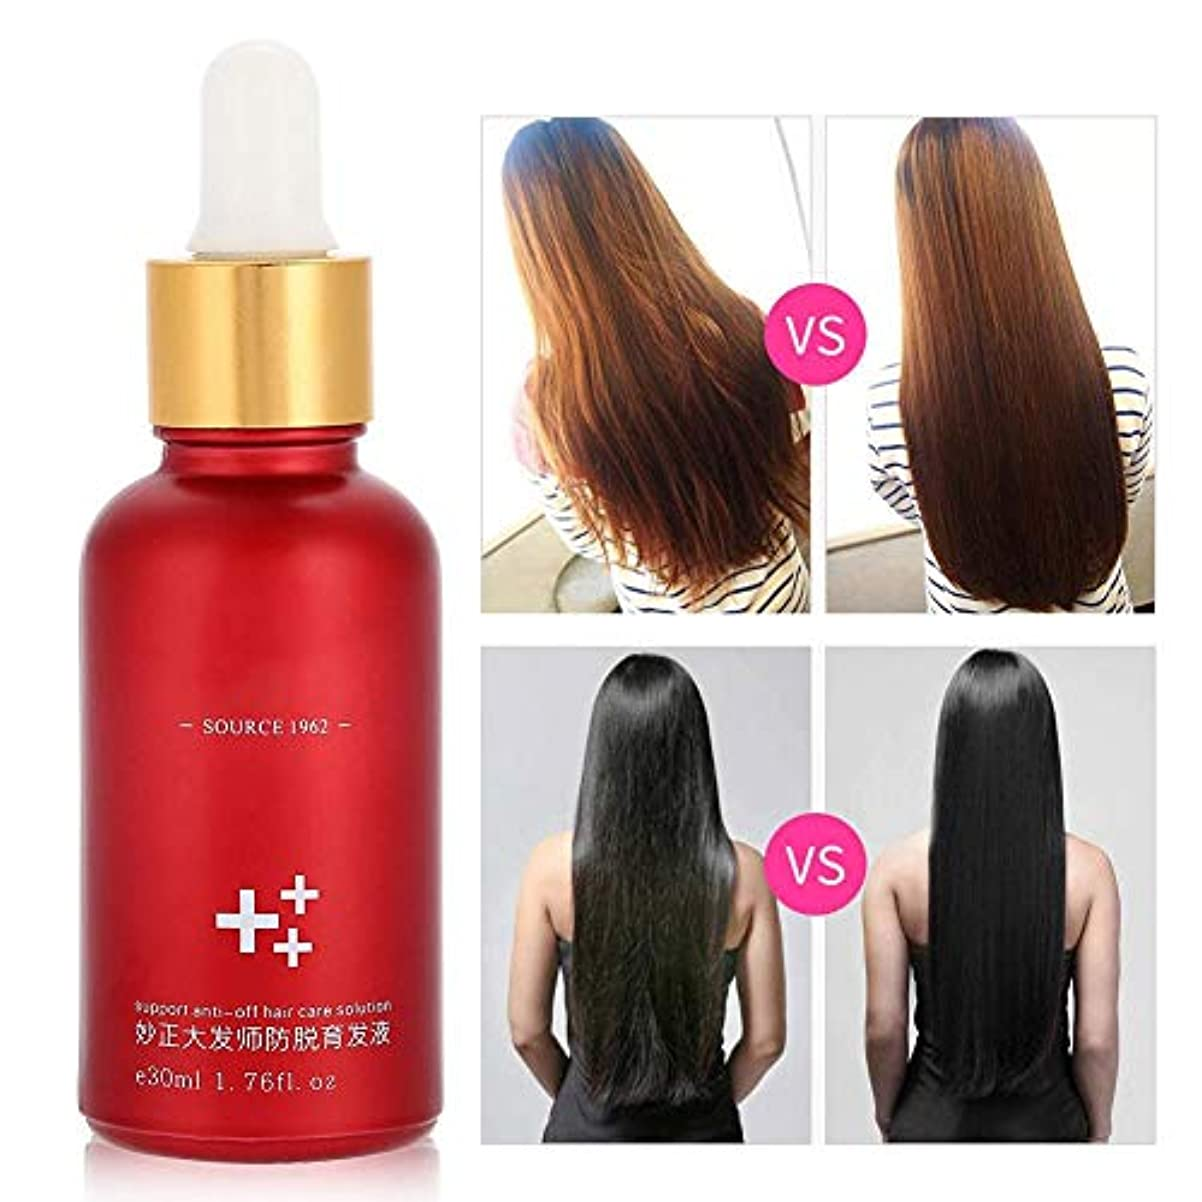 処理する息苦しい理容師ヘアオイルセラム、30mlドライ/フリジーヘア用メンズセラムは、もつれや枝毛を減らし、非油性軽量スタイリング製品で髪を滑らかで柔らかく、明るくします